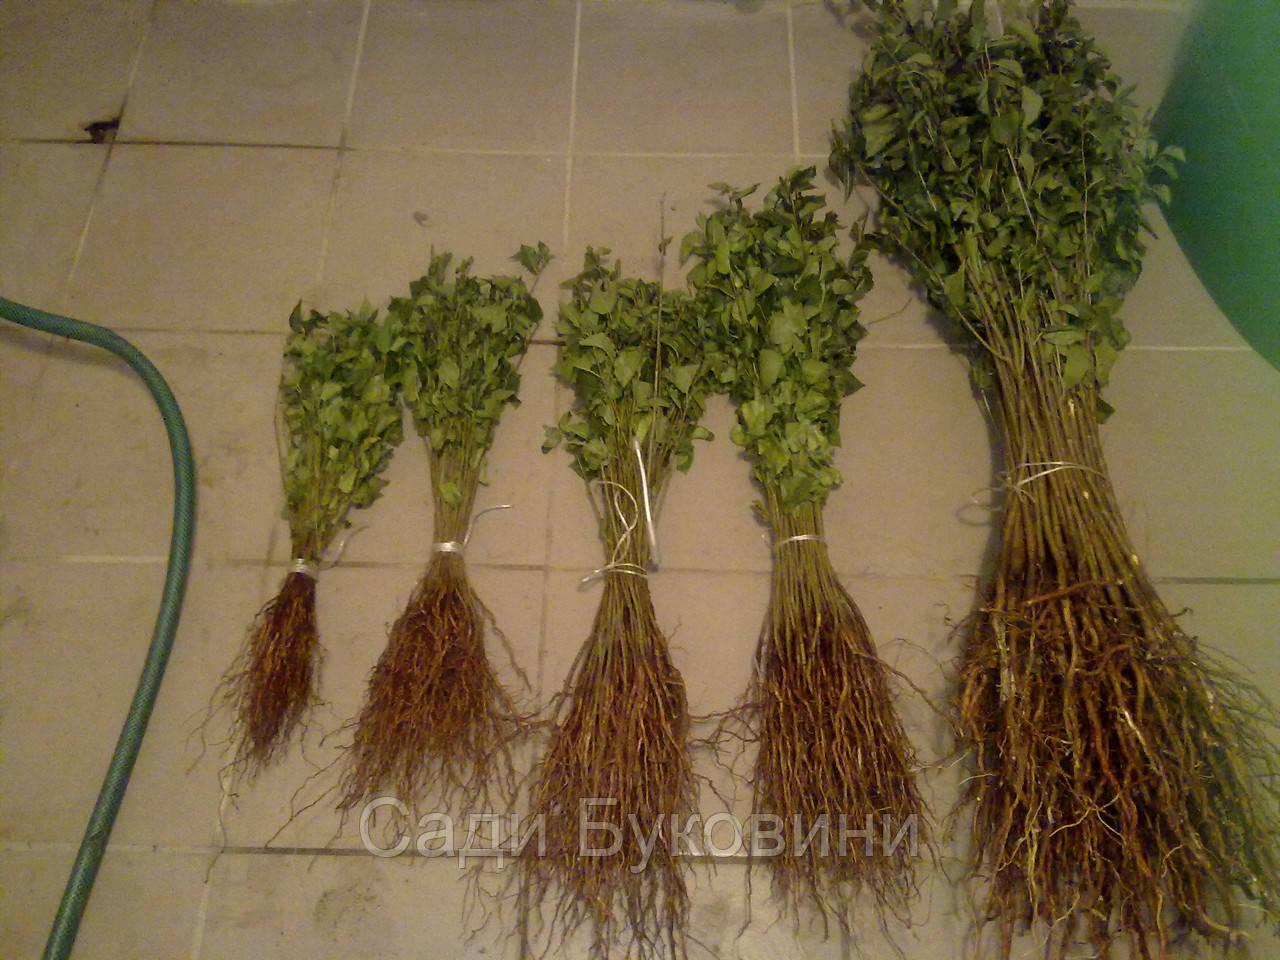 Сеянцы антипки (магалебки)